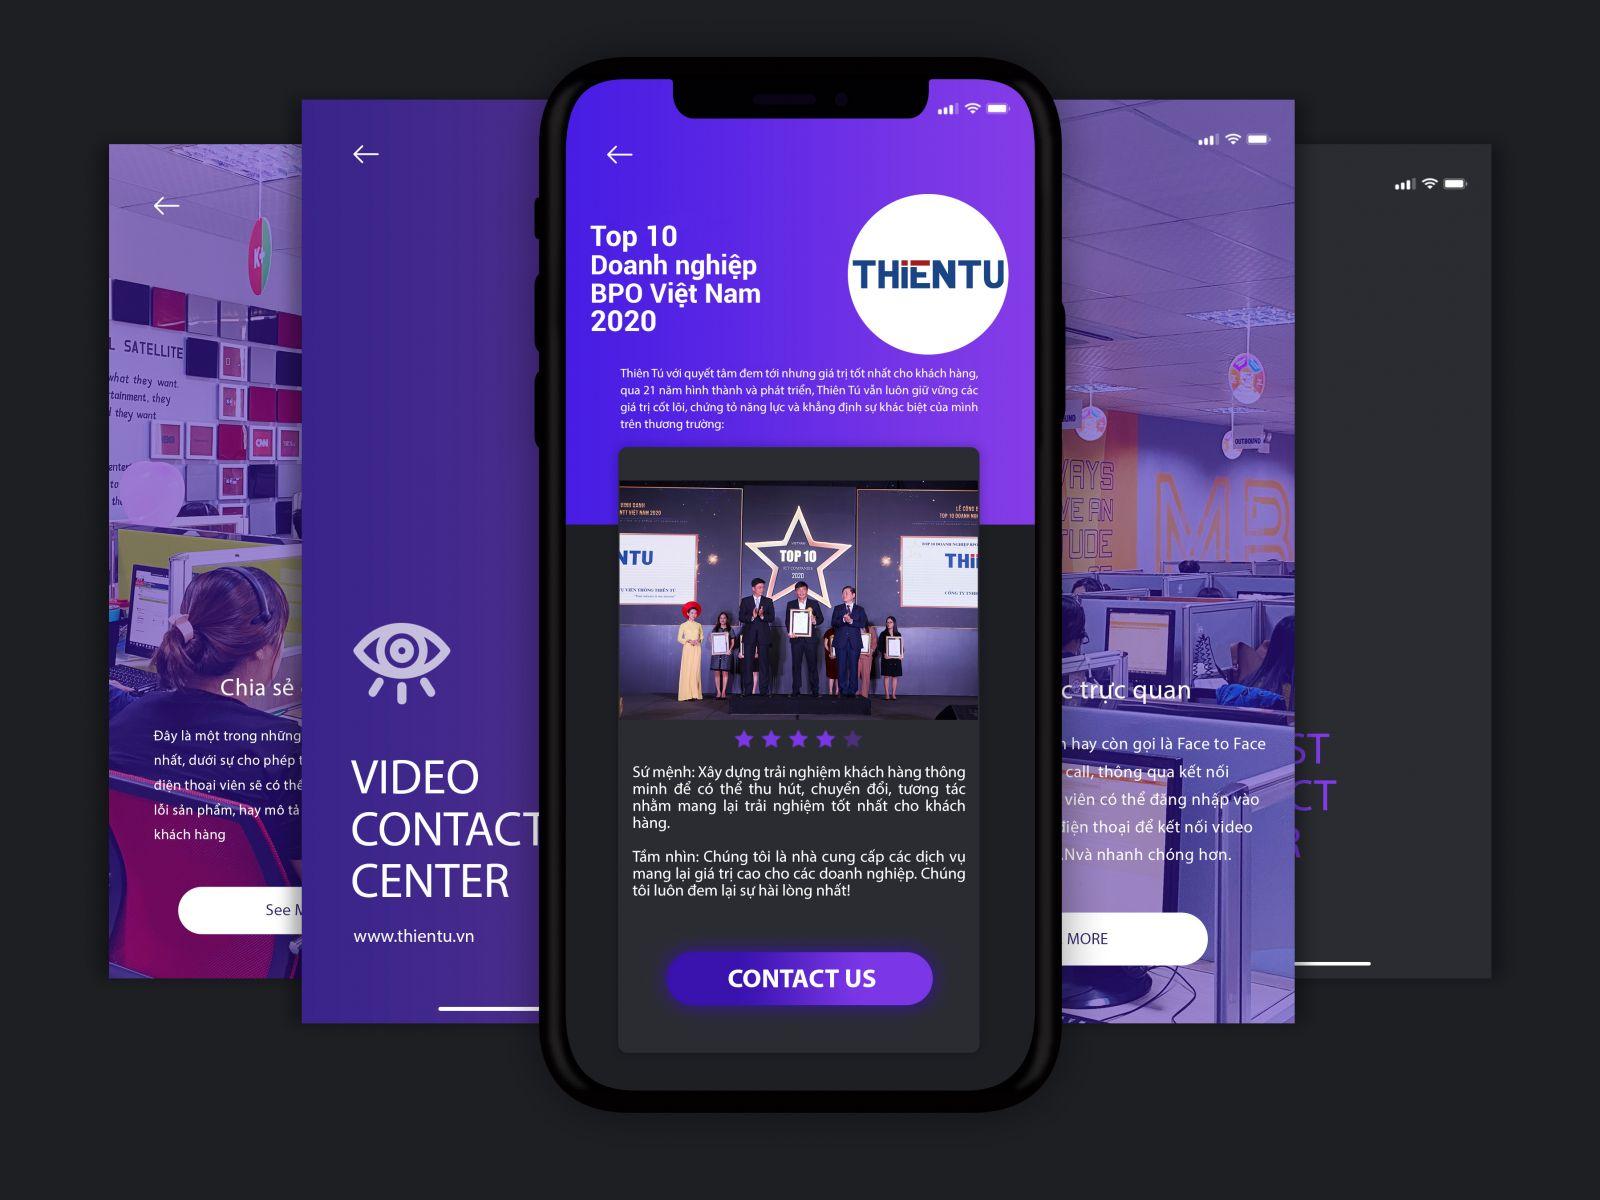 Lợi ích của video contact center là gì?